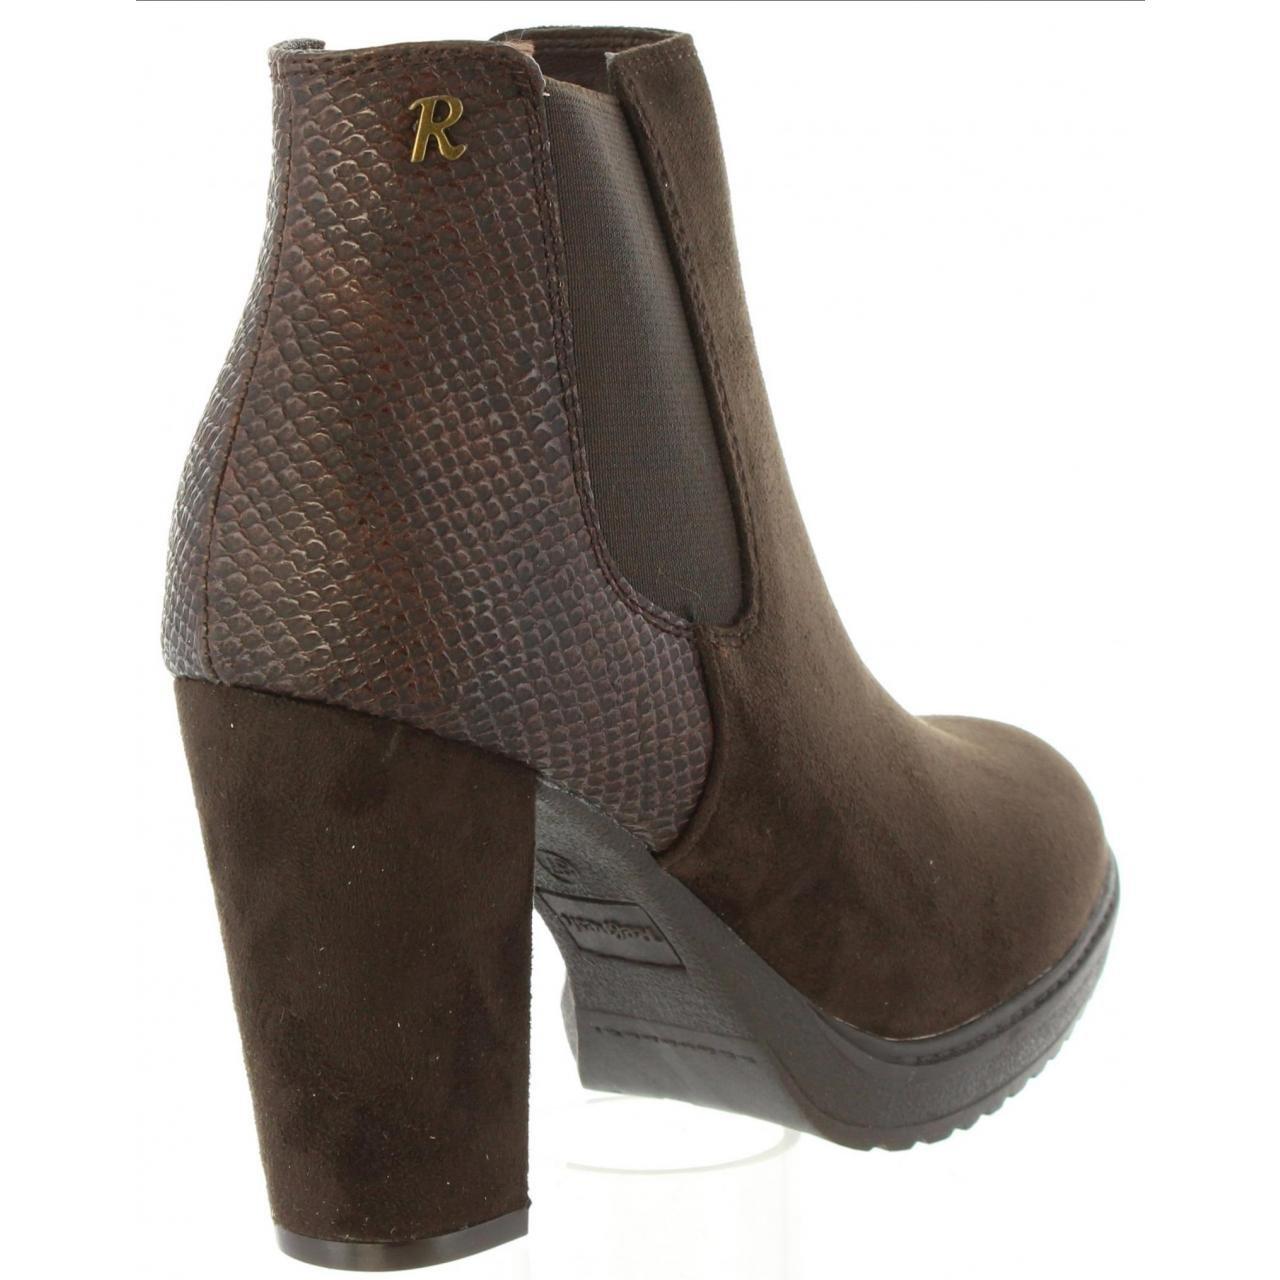 Refresh Refresh Refresh Stiefel für Damen 63714 C braun a09724